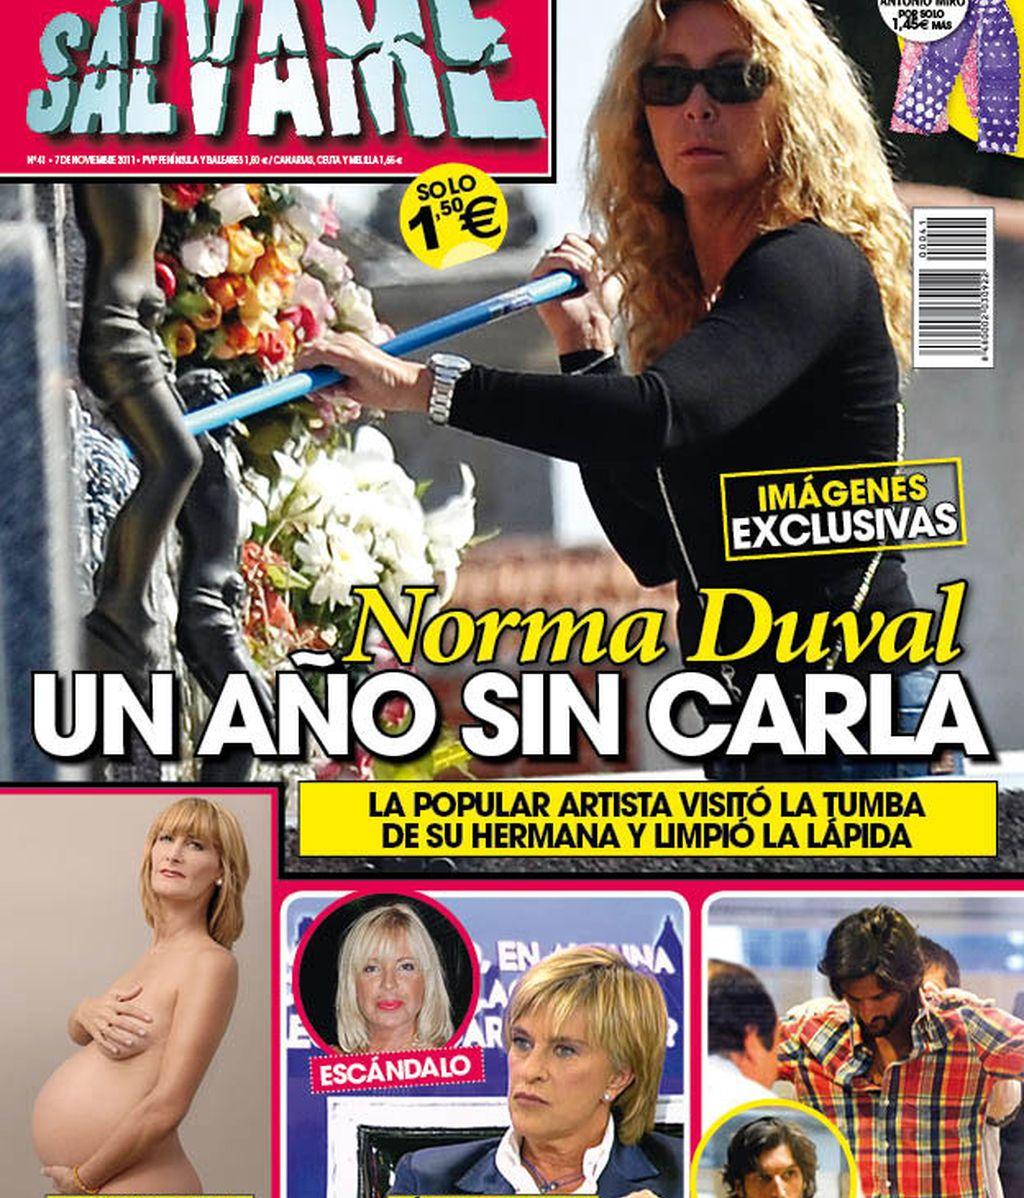 Nuevo número de la revista 'Sálvame'